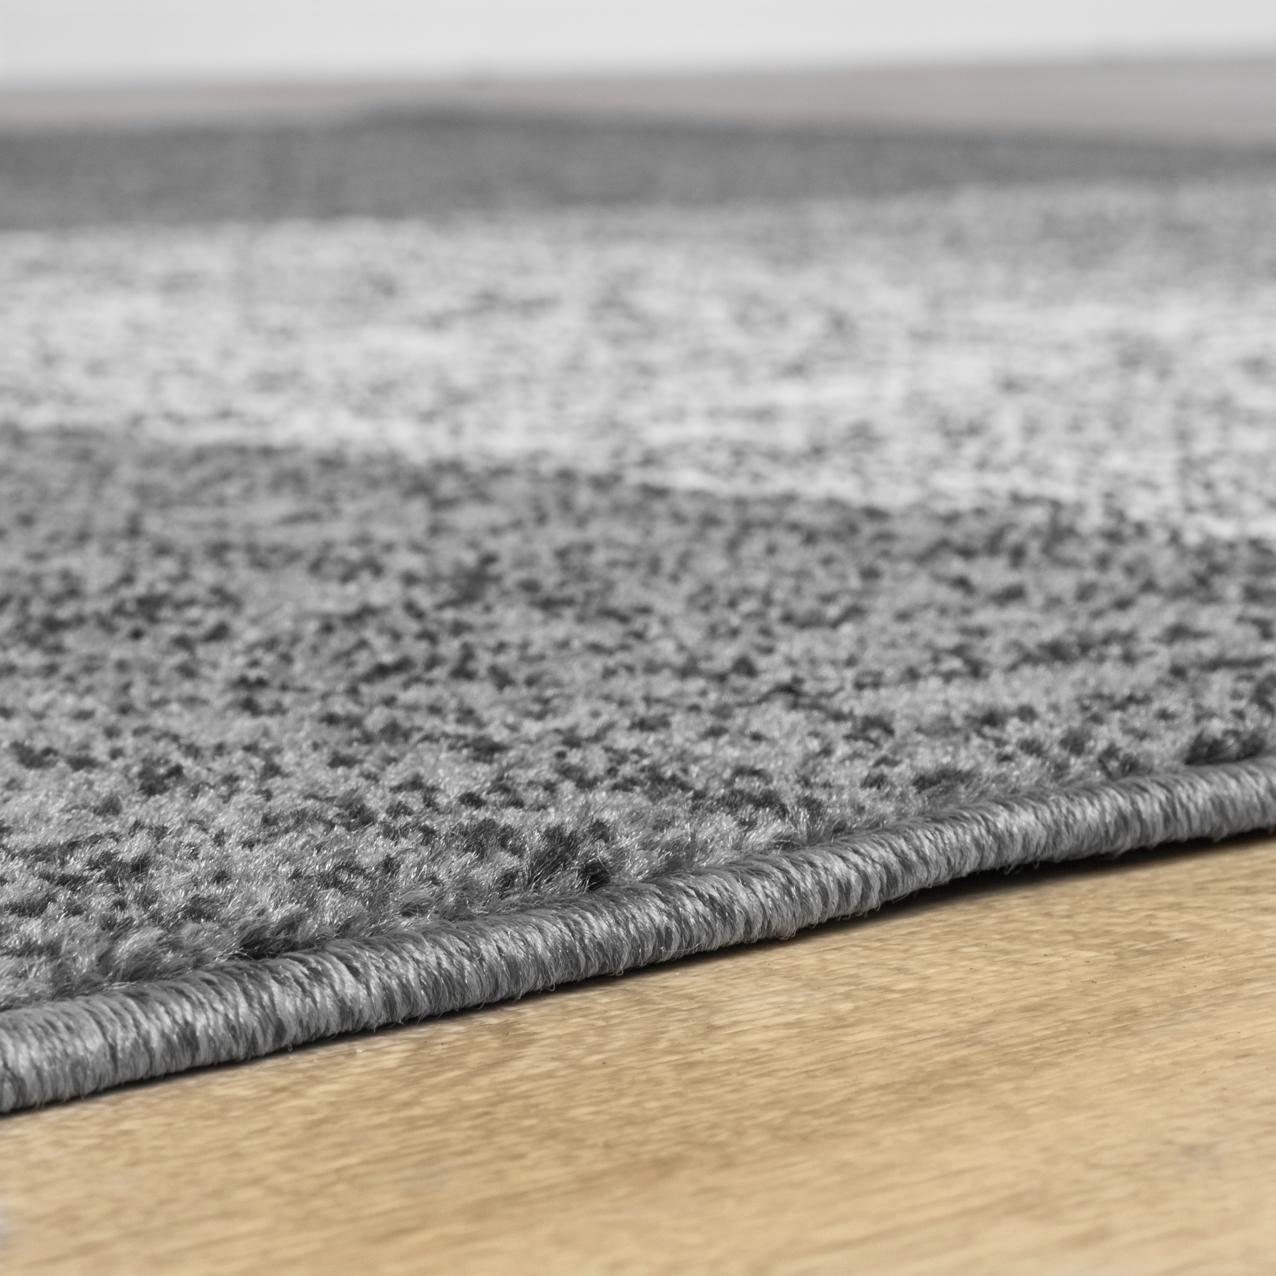 teppich f r das wohnzimmer kariert modern grau schwarz. Black Bedroom Furniture Sets. Home Design Ideas